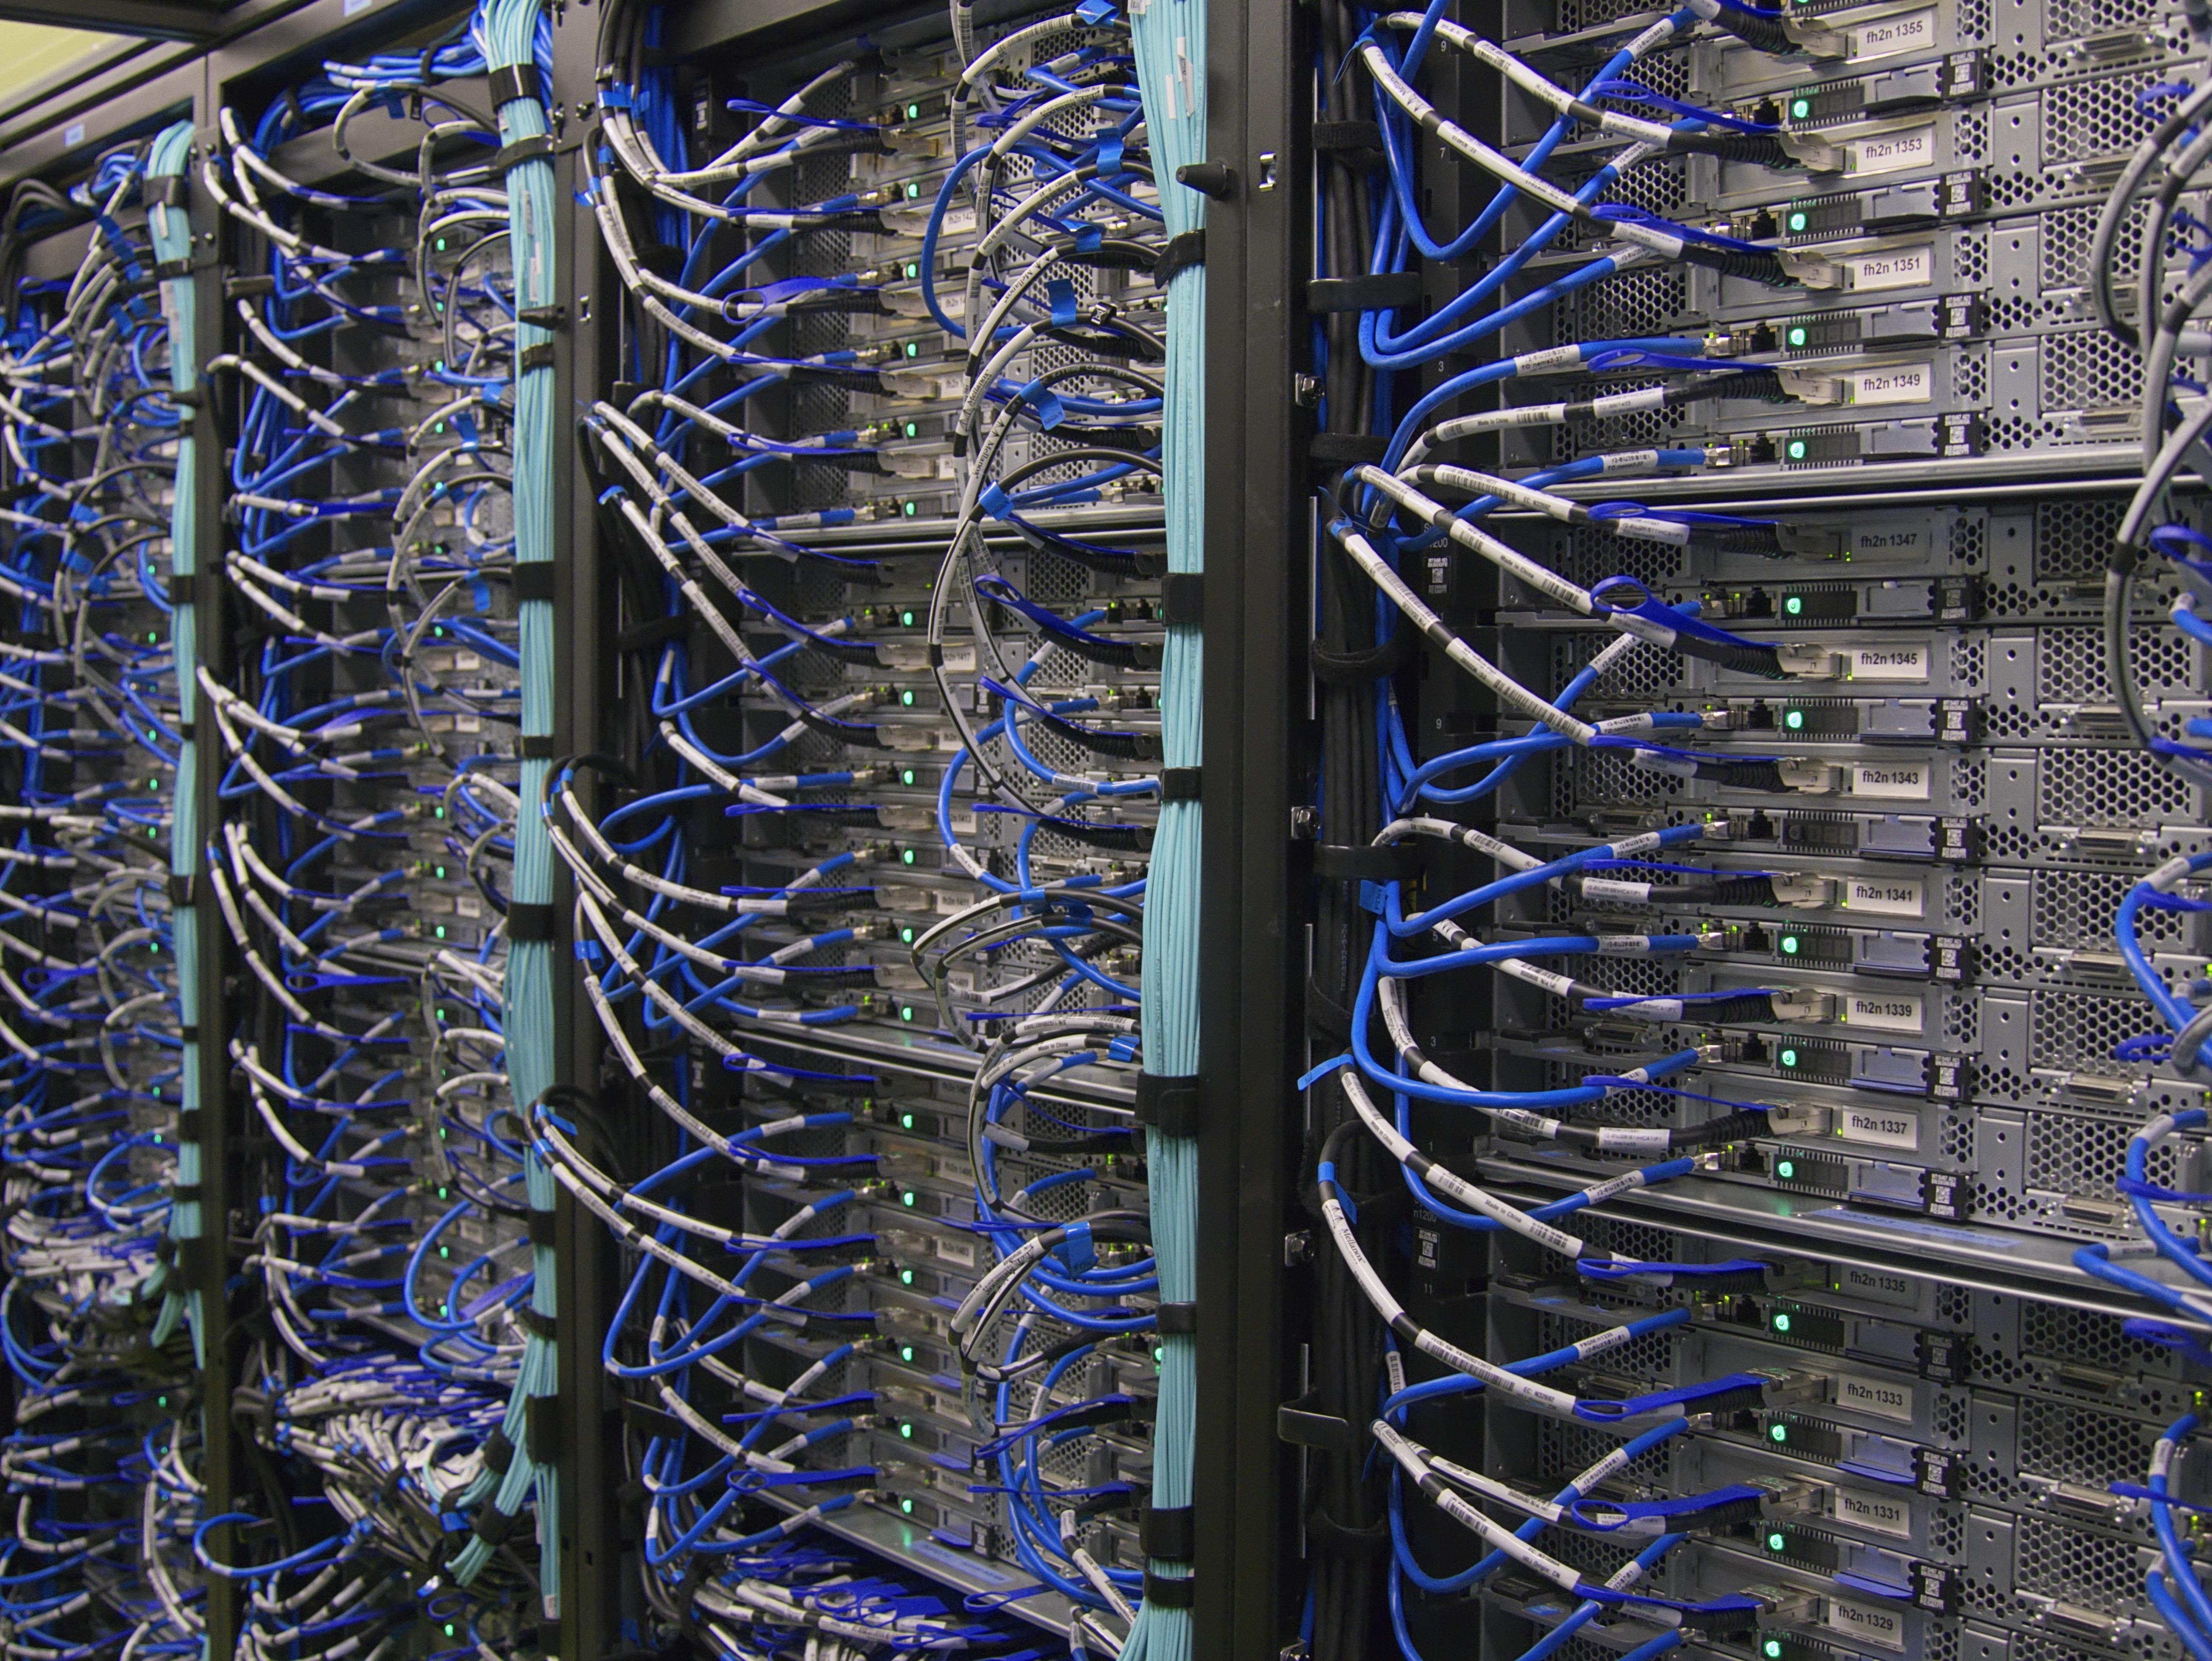 Eine Maus kann einen schwerwiegenden IT-Schaden verursachen. - Leeser & Will Schädlingsbekämpfung München betreut durch ready4marketing.de